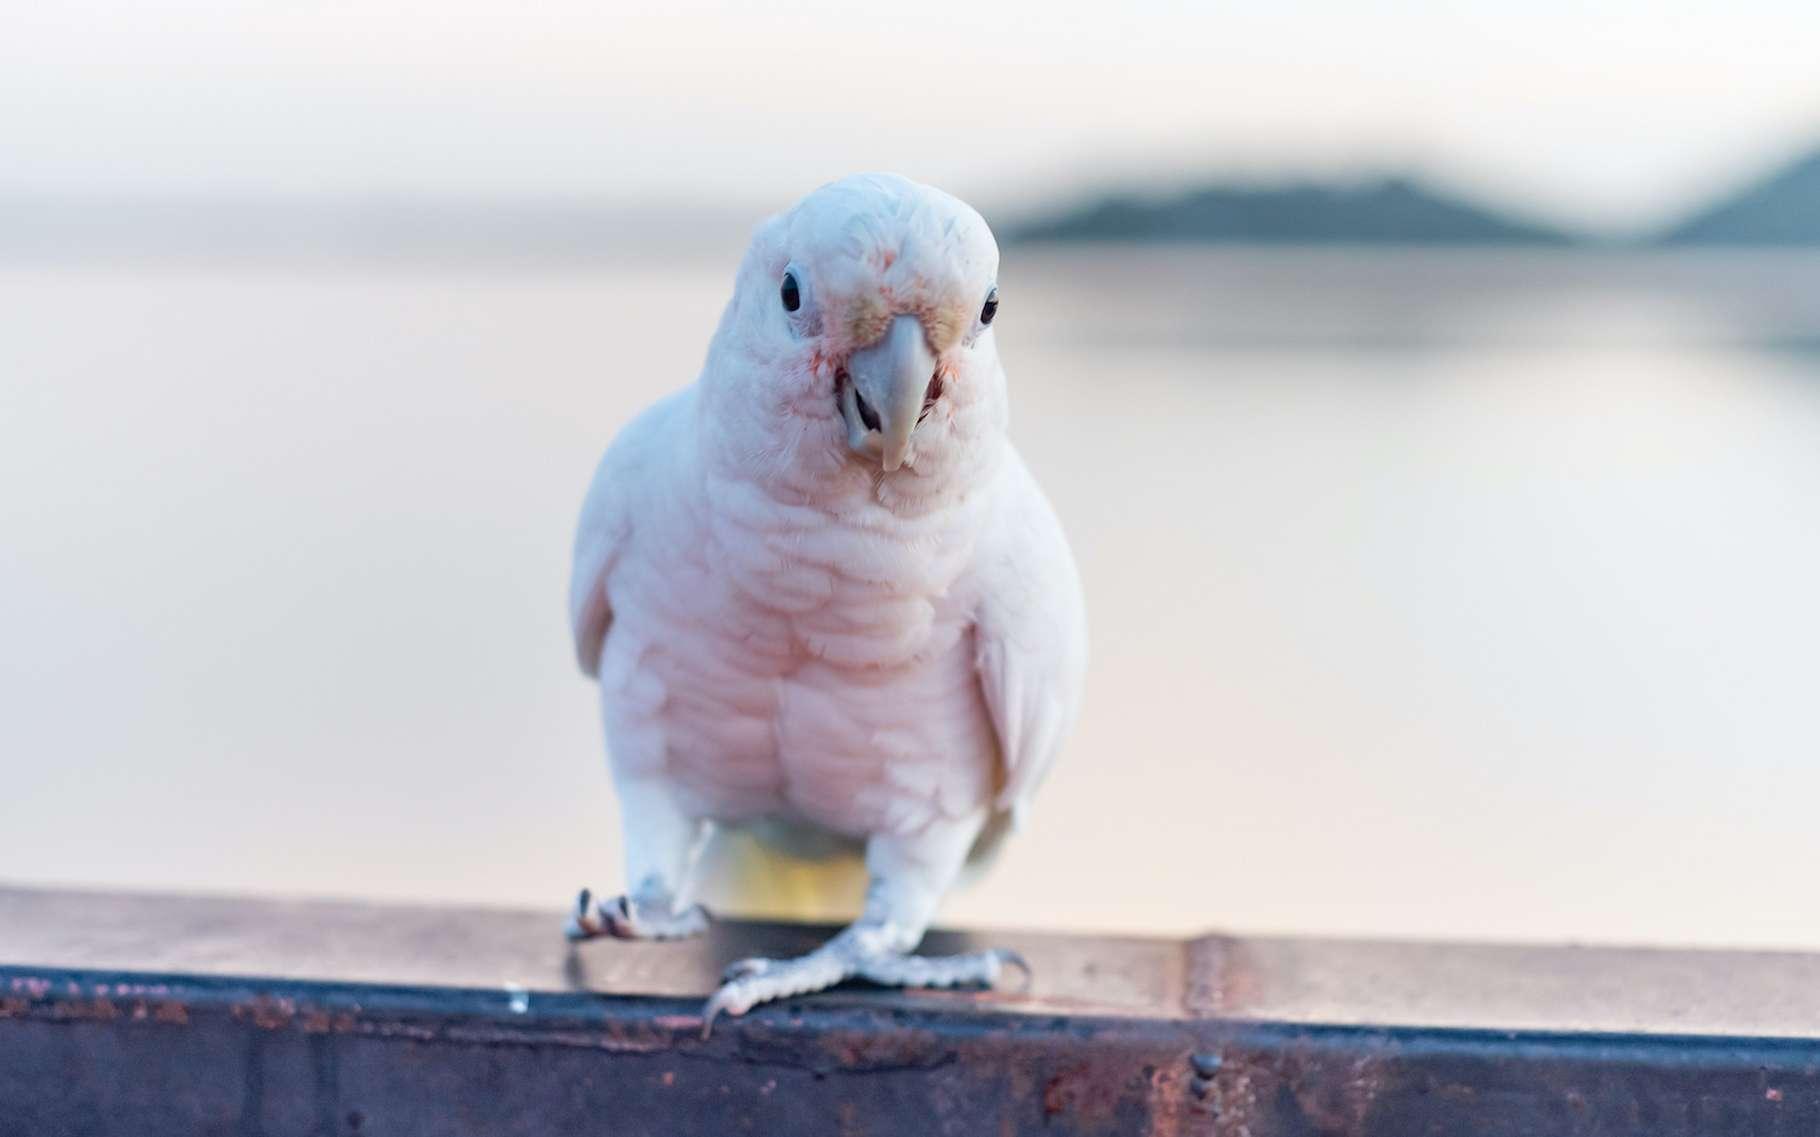 Le cacatoès est un oiseau intelligent. Les chercheurs en ont accumulé des preuves depuis plusieurs années maintenant. Mais ils continuent d'en apprendre plus sur ce drôle d'animal. Qui vient même de montrer des signes de culture. Décidément, il n'est pas si bête, le cacatoès. © sunyawitphoto, Adobe Stock